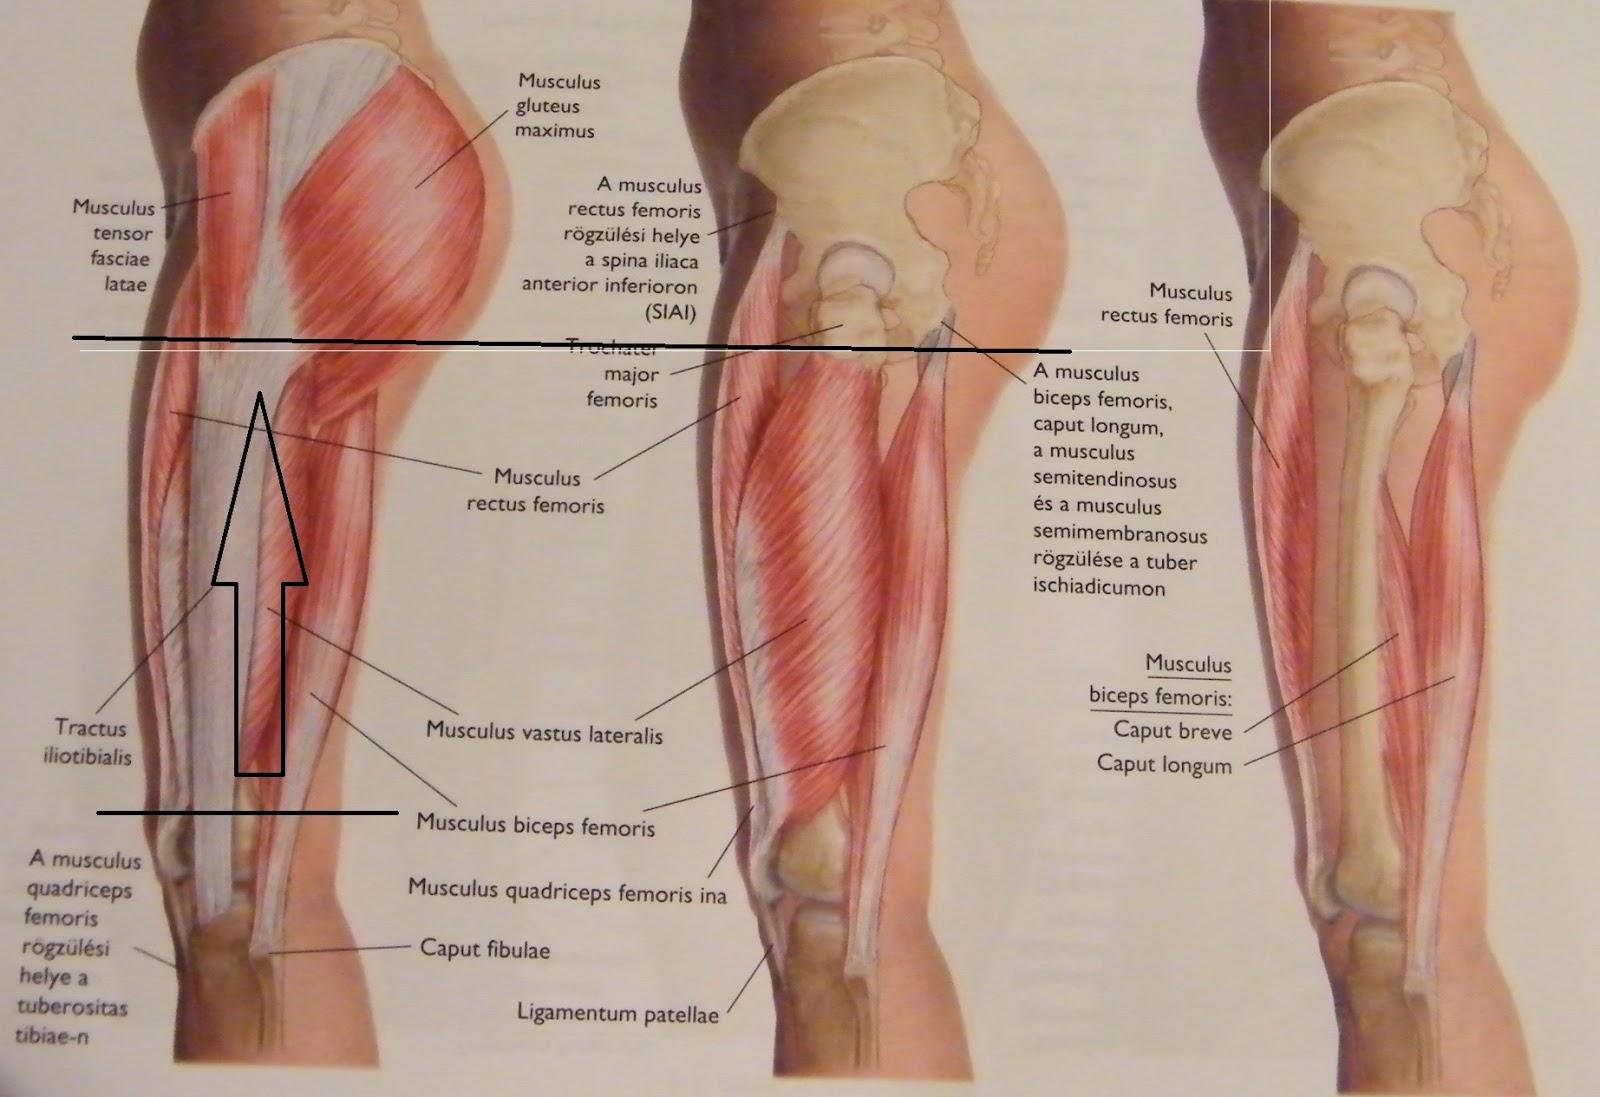 jobb lábba sugárzó fájdalom térdízületi meniszkusz törése artrózissal